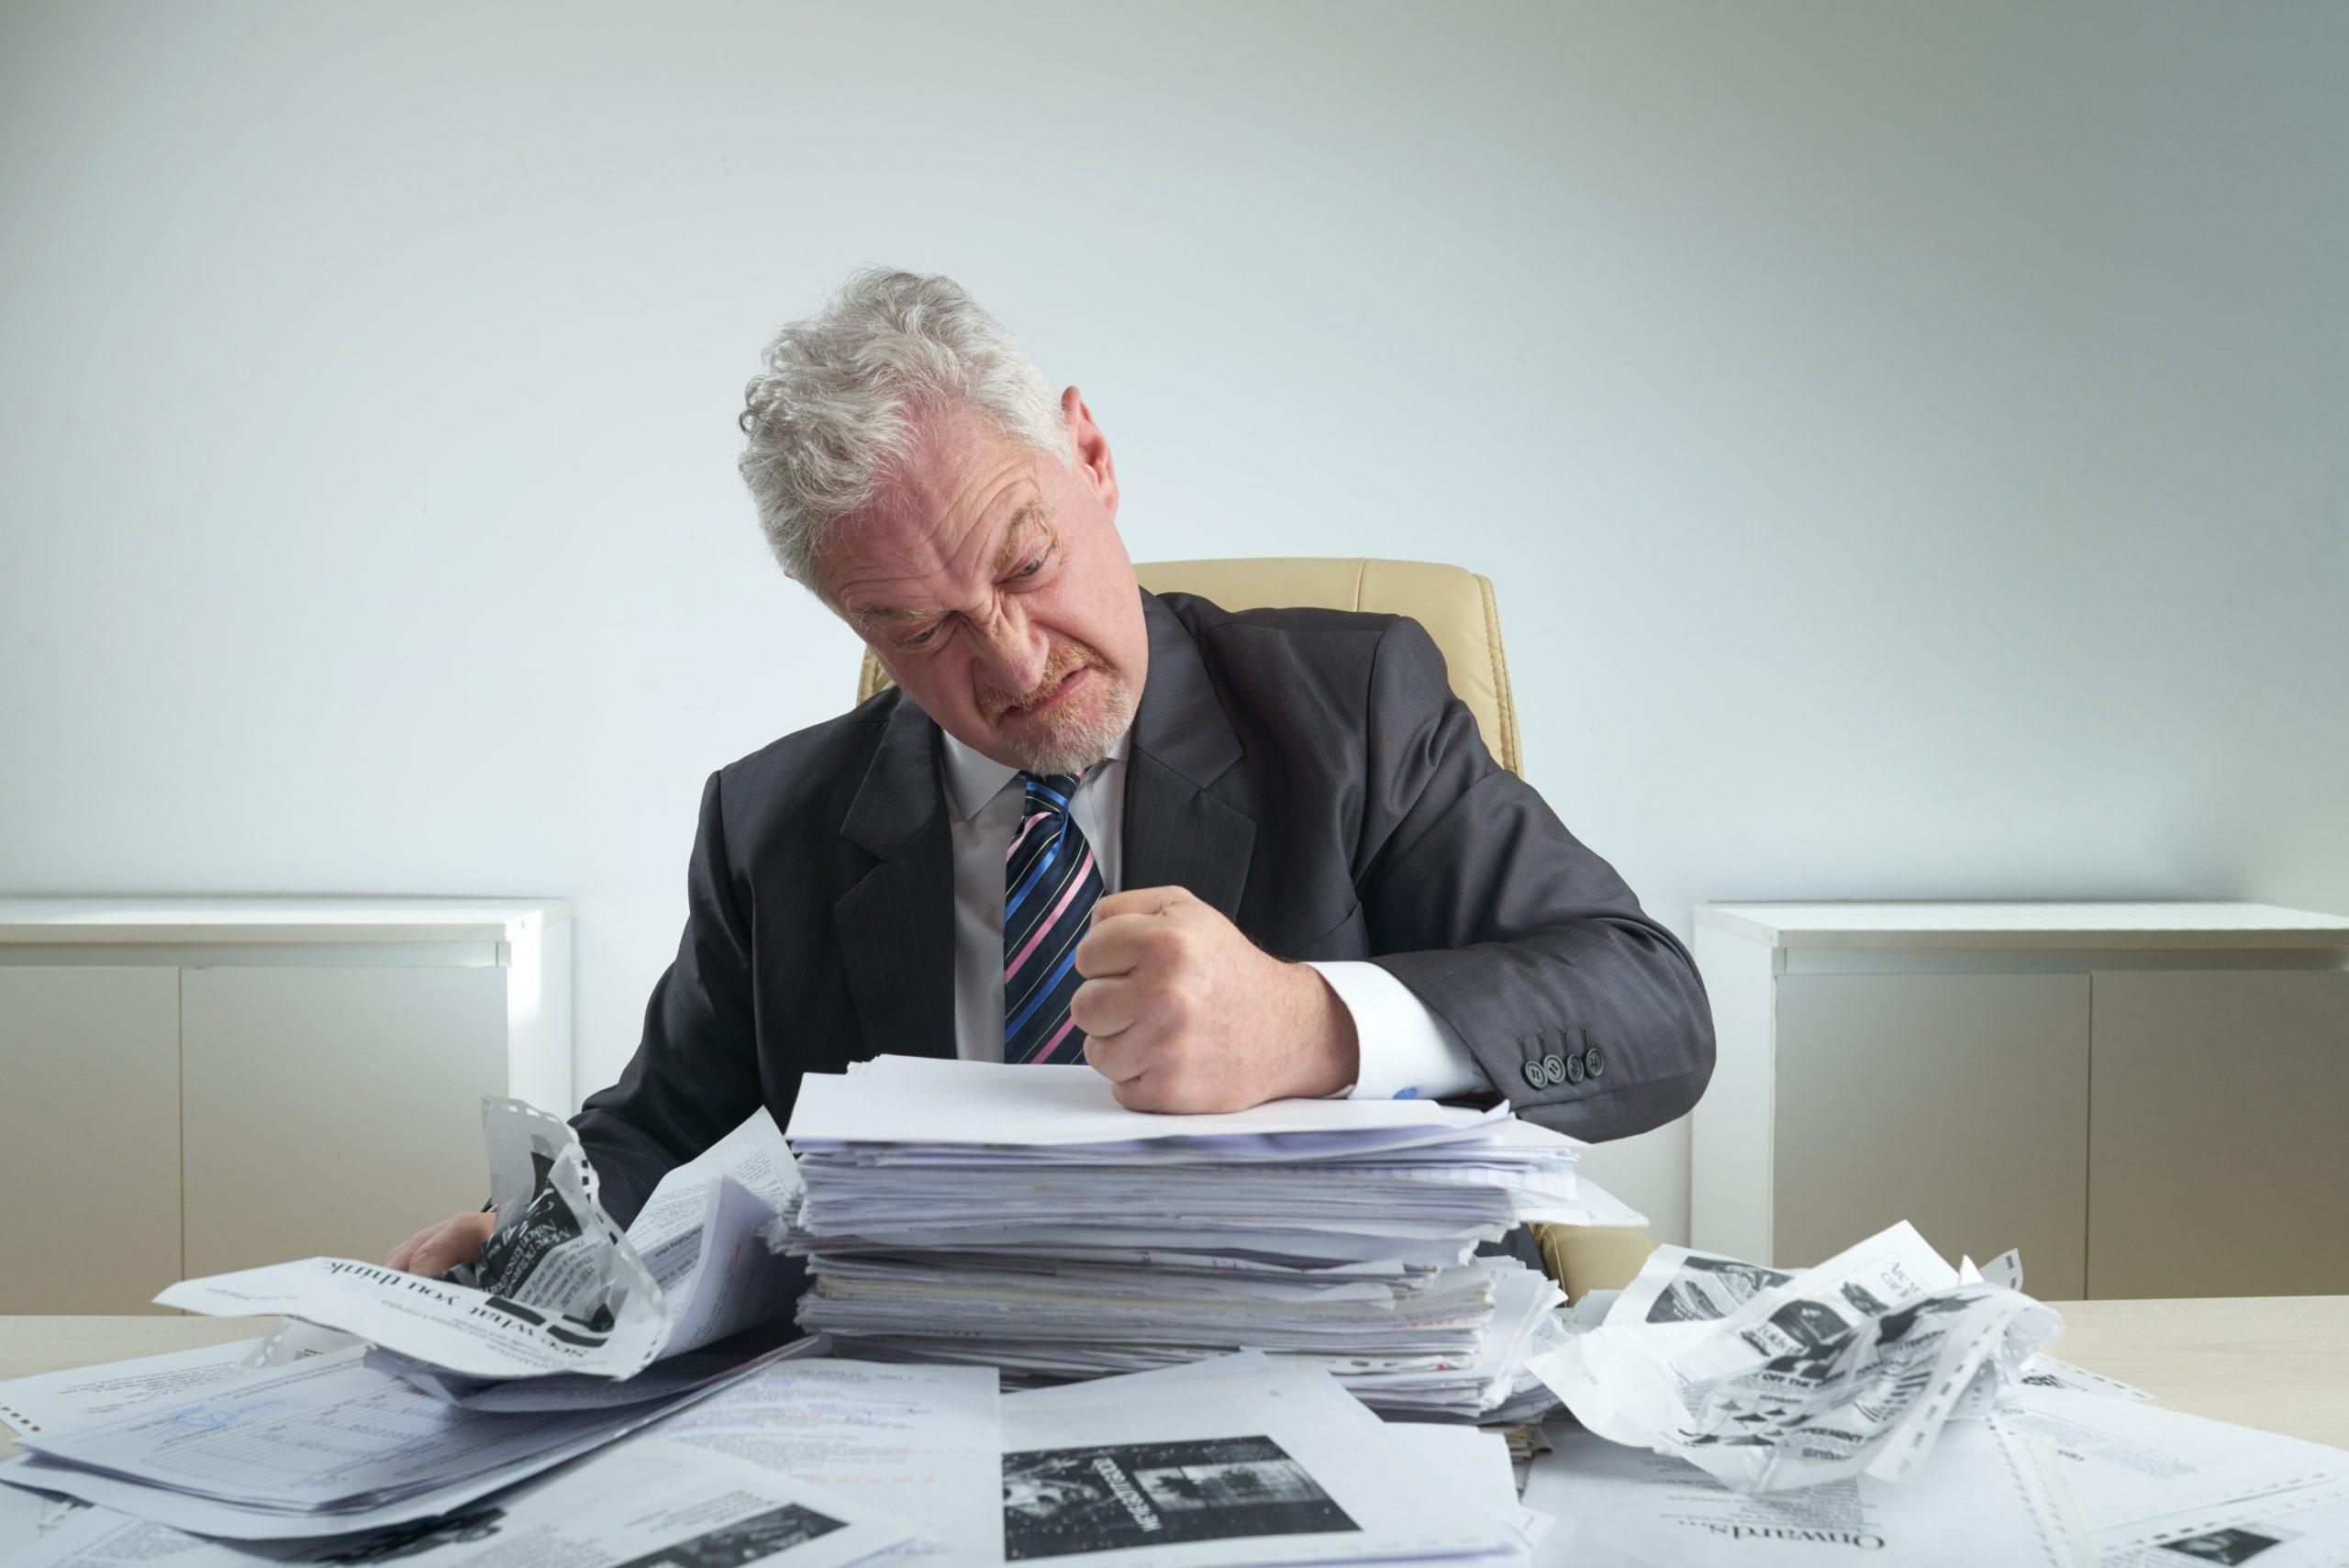 Внимание налоговых органов к затратам при ликвидации компании